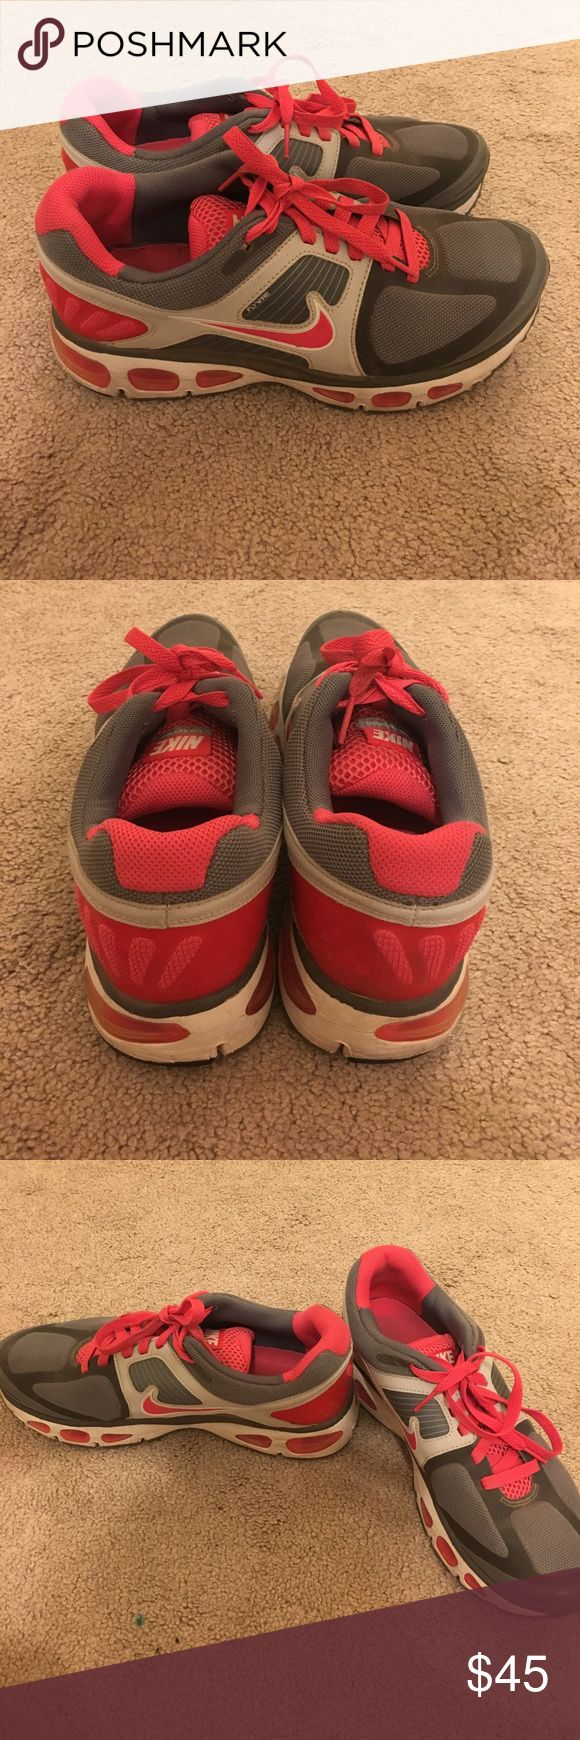 Nike Air Tailwind Flywire Sneaker Nike Air Tailwind Flywire Sneaker. Size 9.5. Like new! Nike Shoes Sneakers